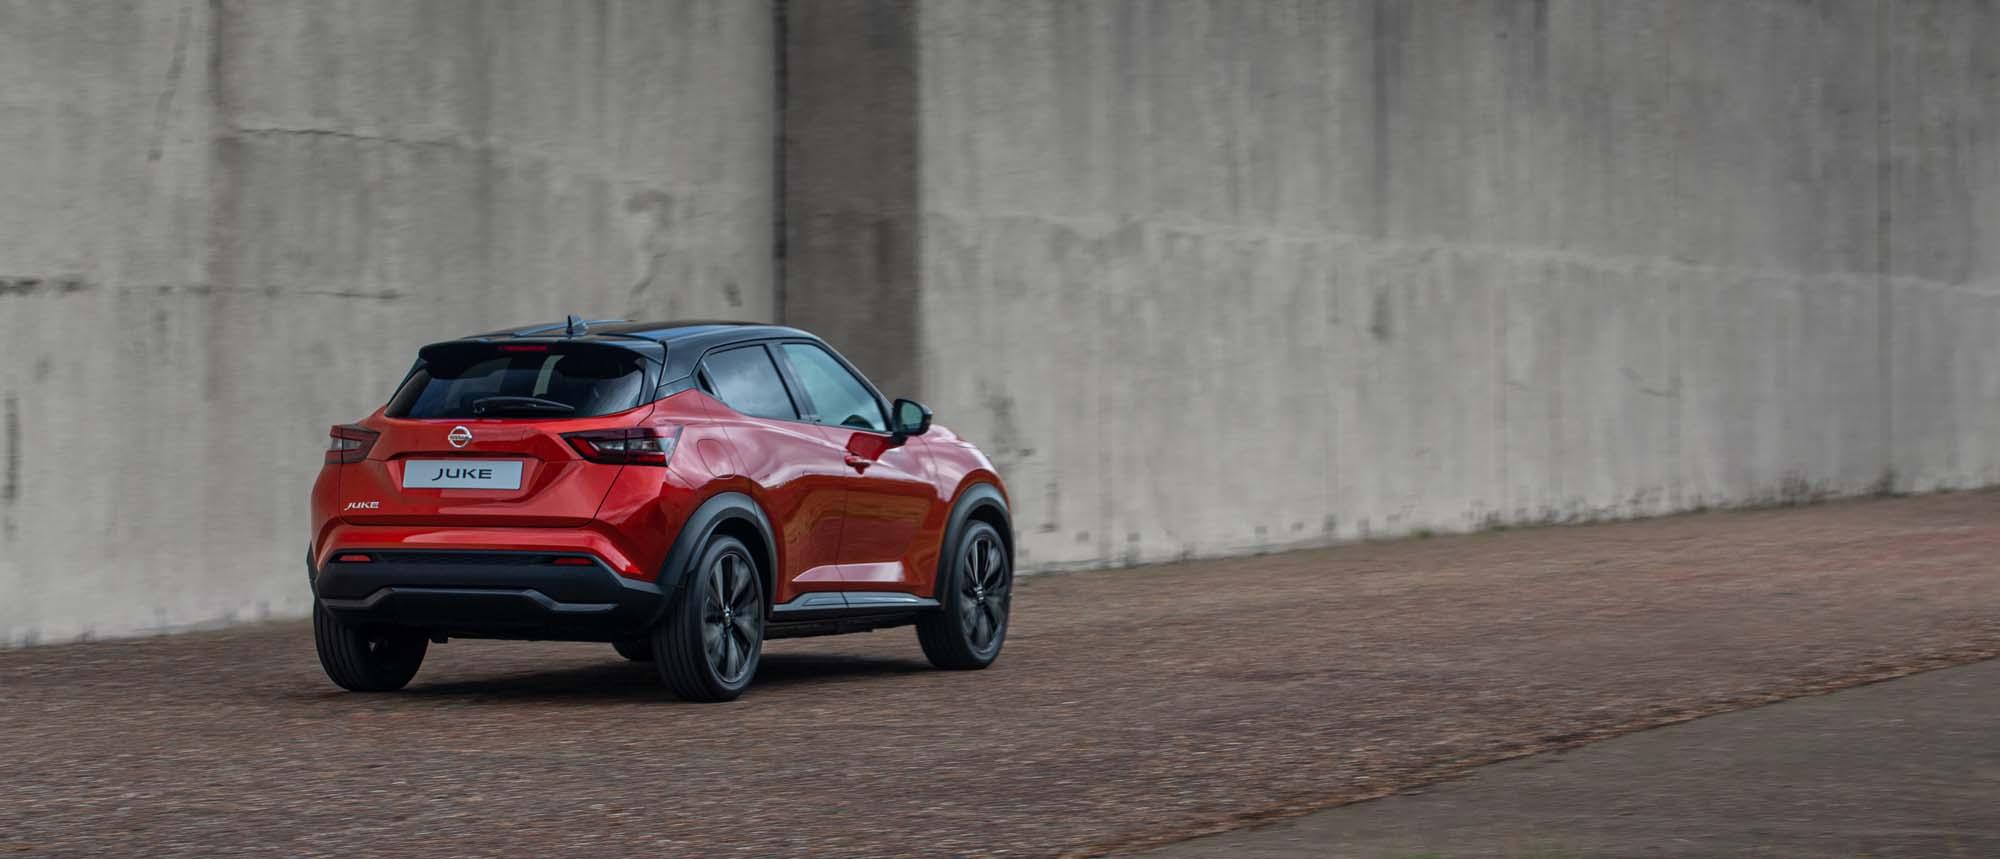 Nissan-Juke-2020-73